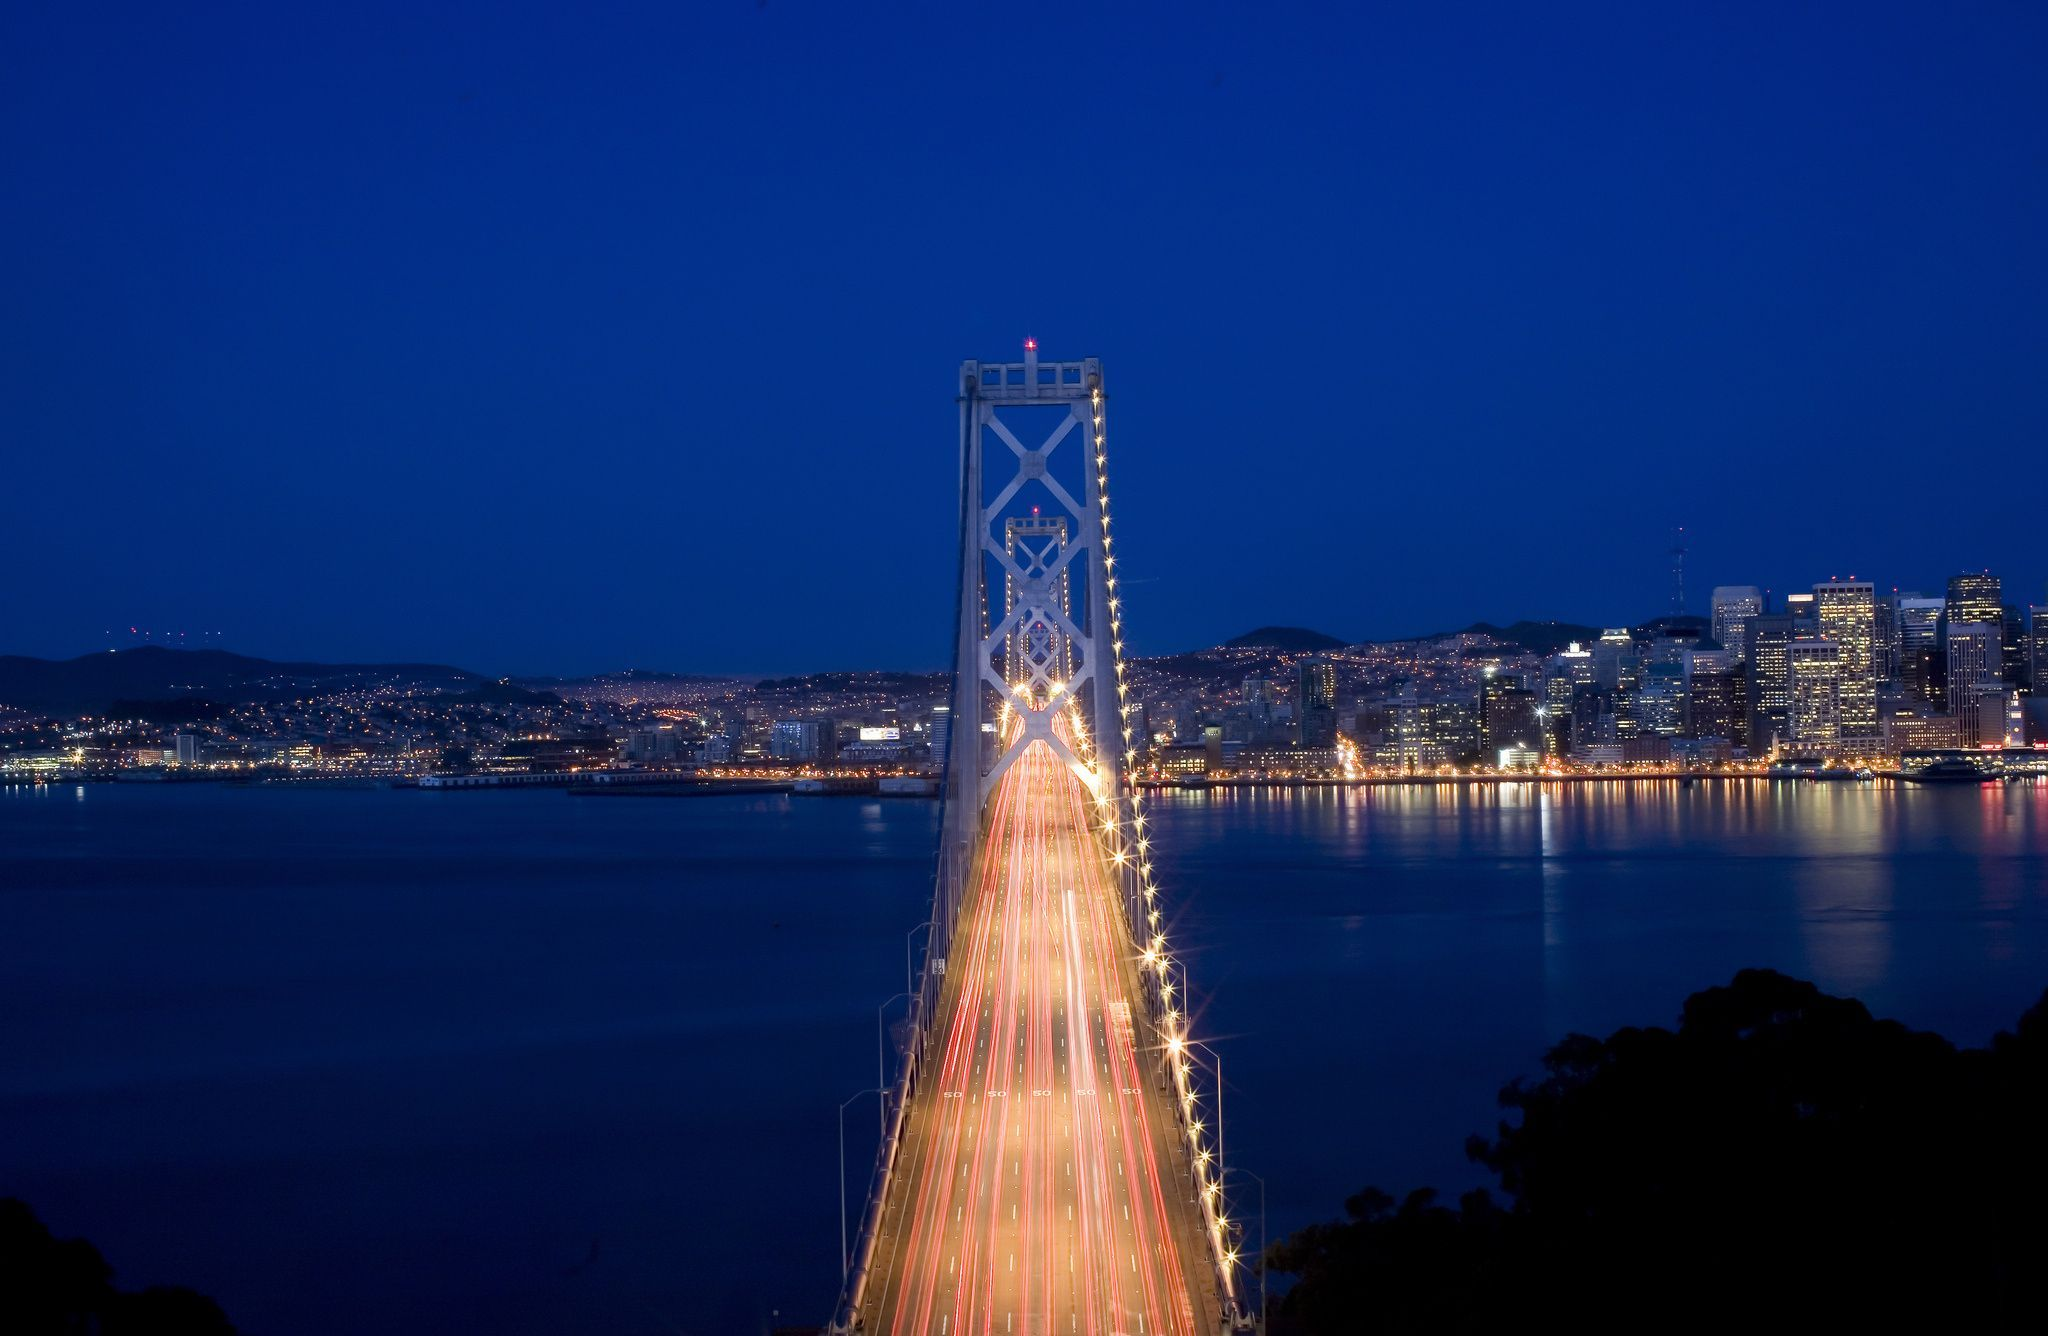 США, Калифорния, Сан-Франциско, город обои скачать